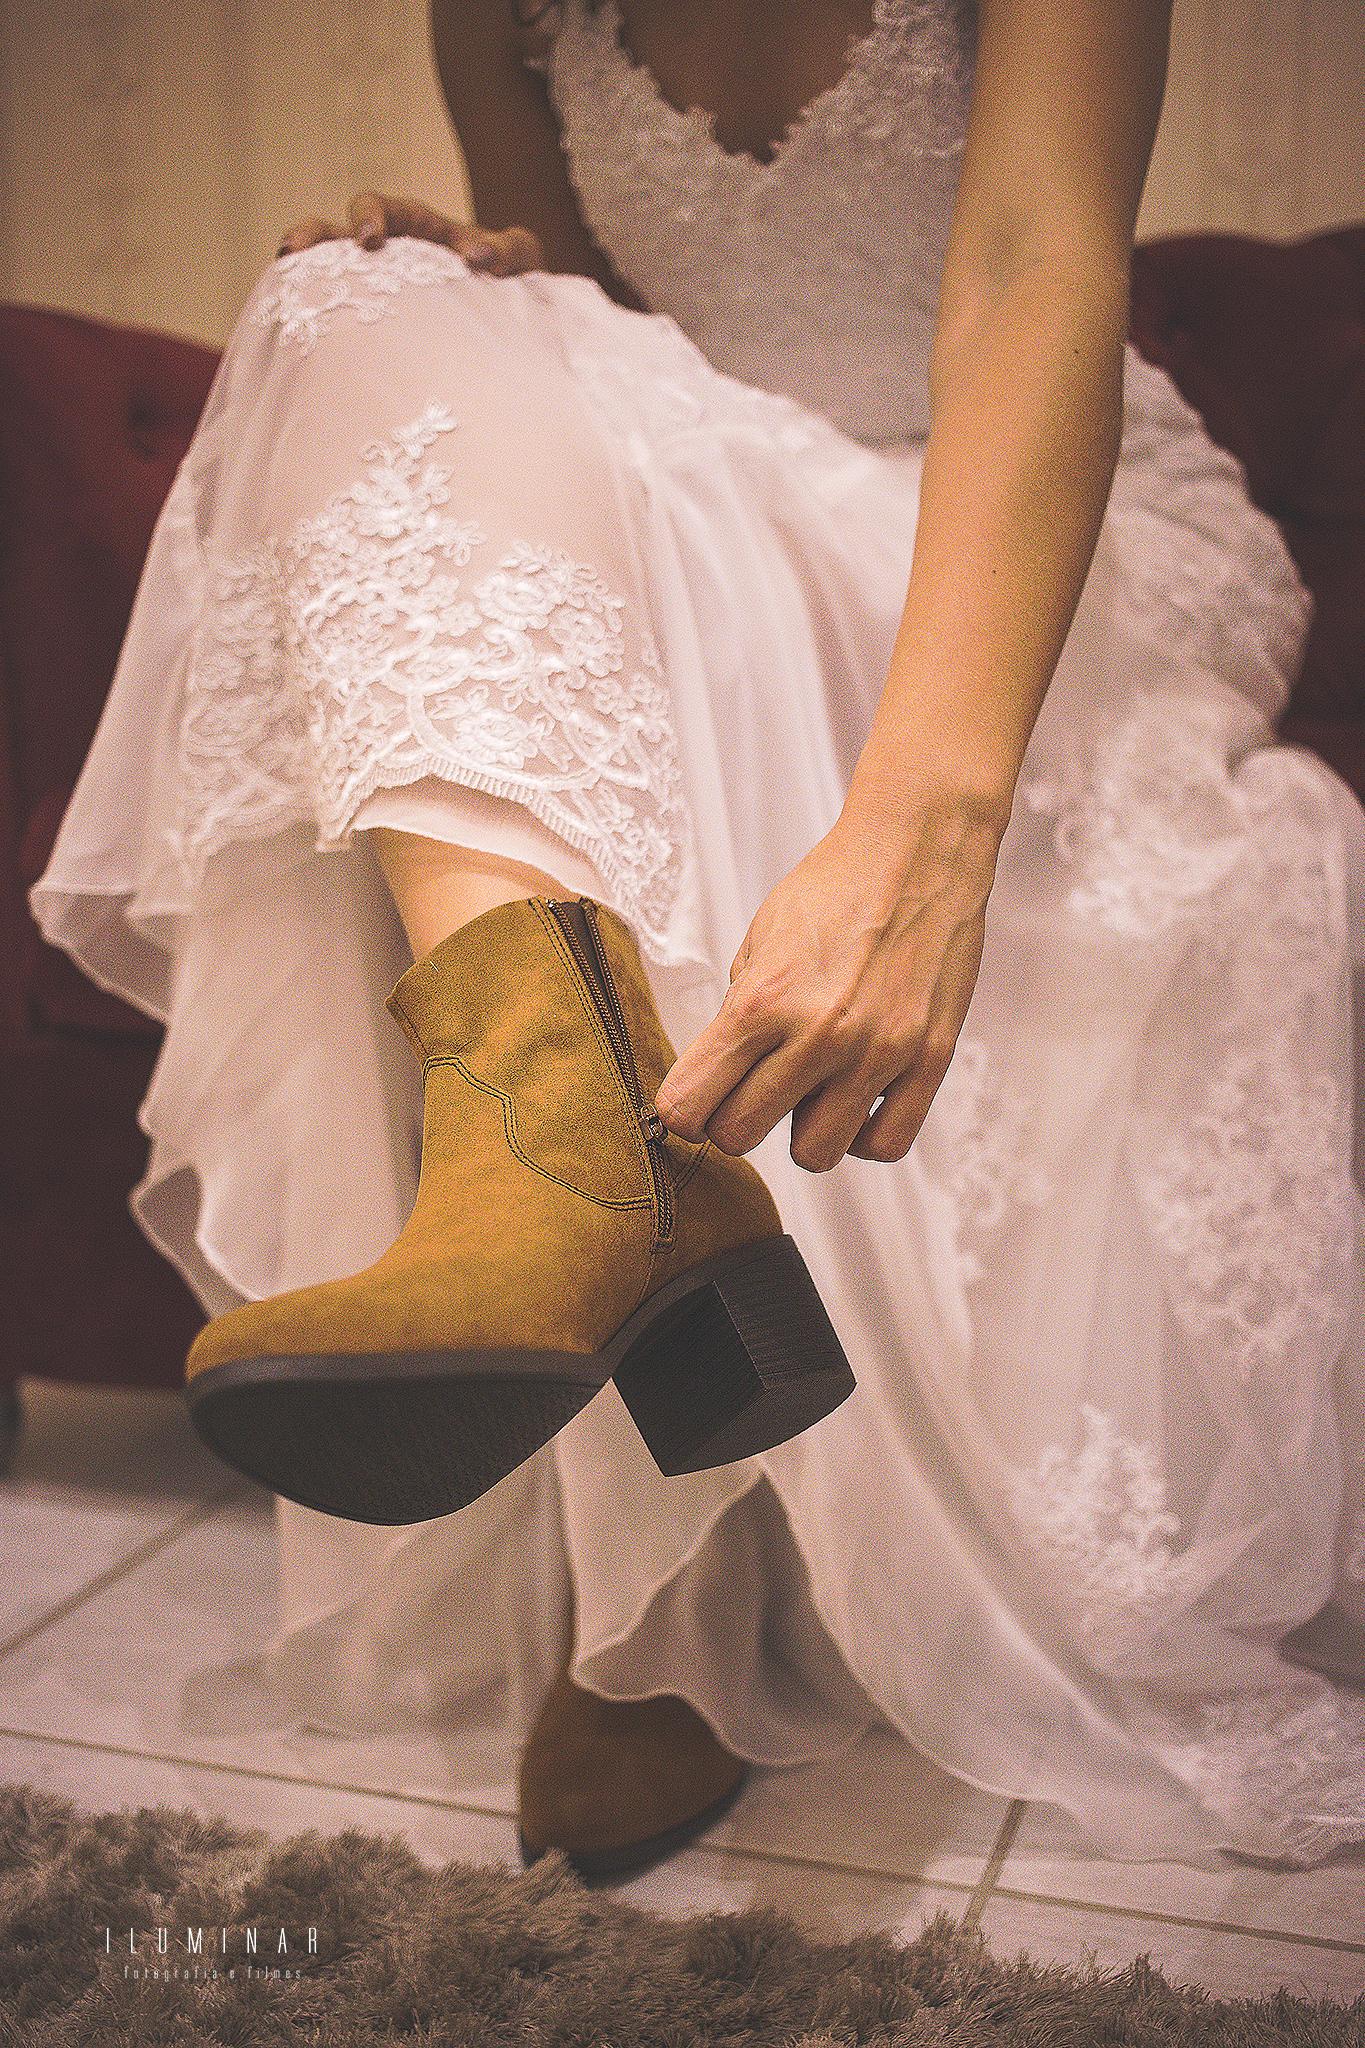 Dia da Noiva - A noiva de Botas